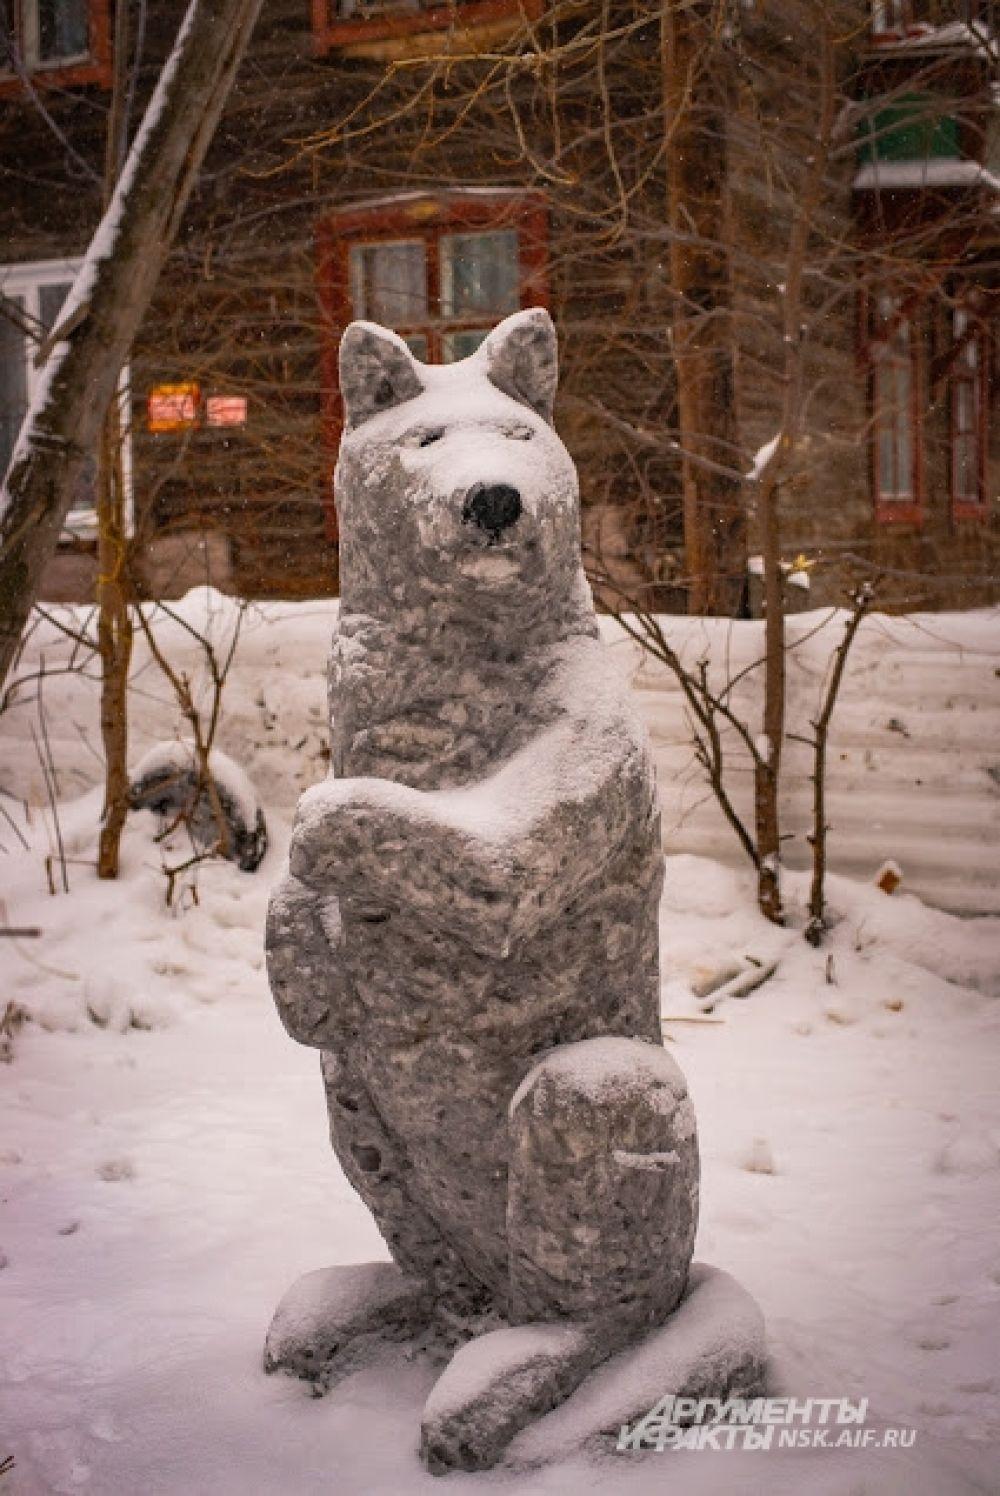 Снежный волк - ещё один необычный житель креативного новосибирского двора.